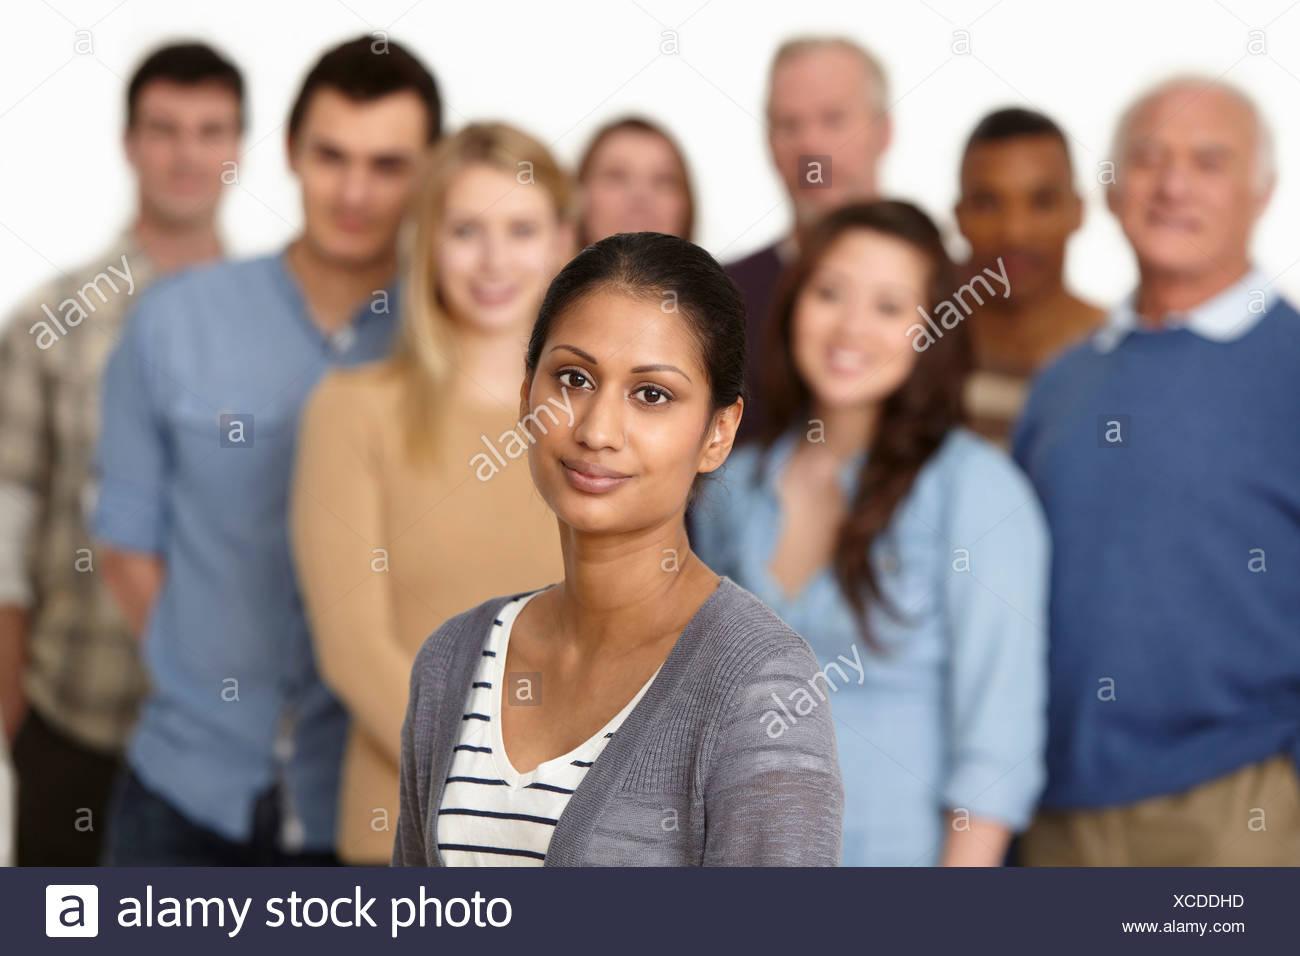 Portrait de femme avec un groupe de personnes en arrière-plan Photo Stock